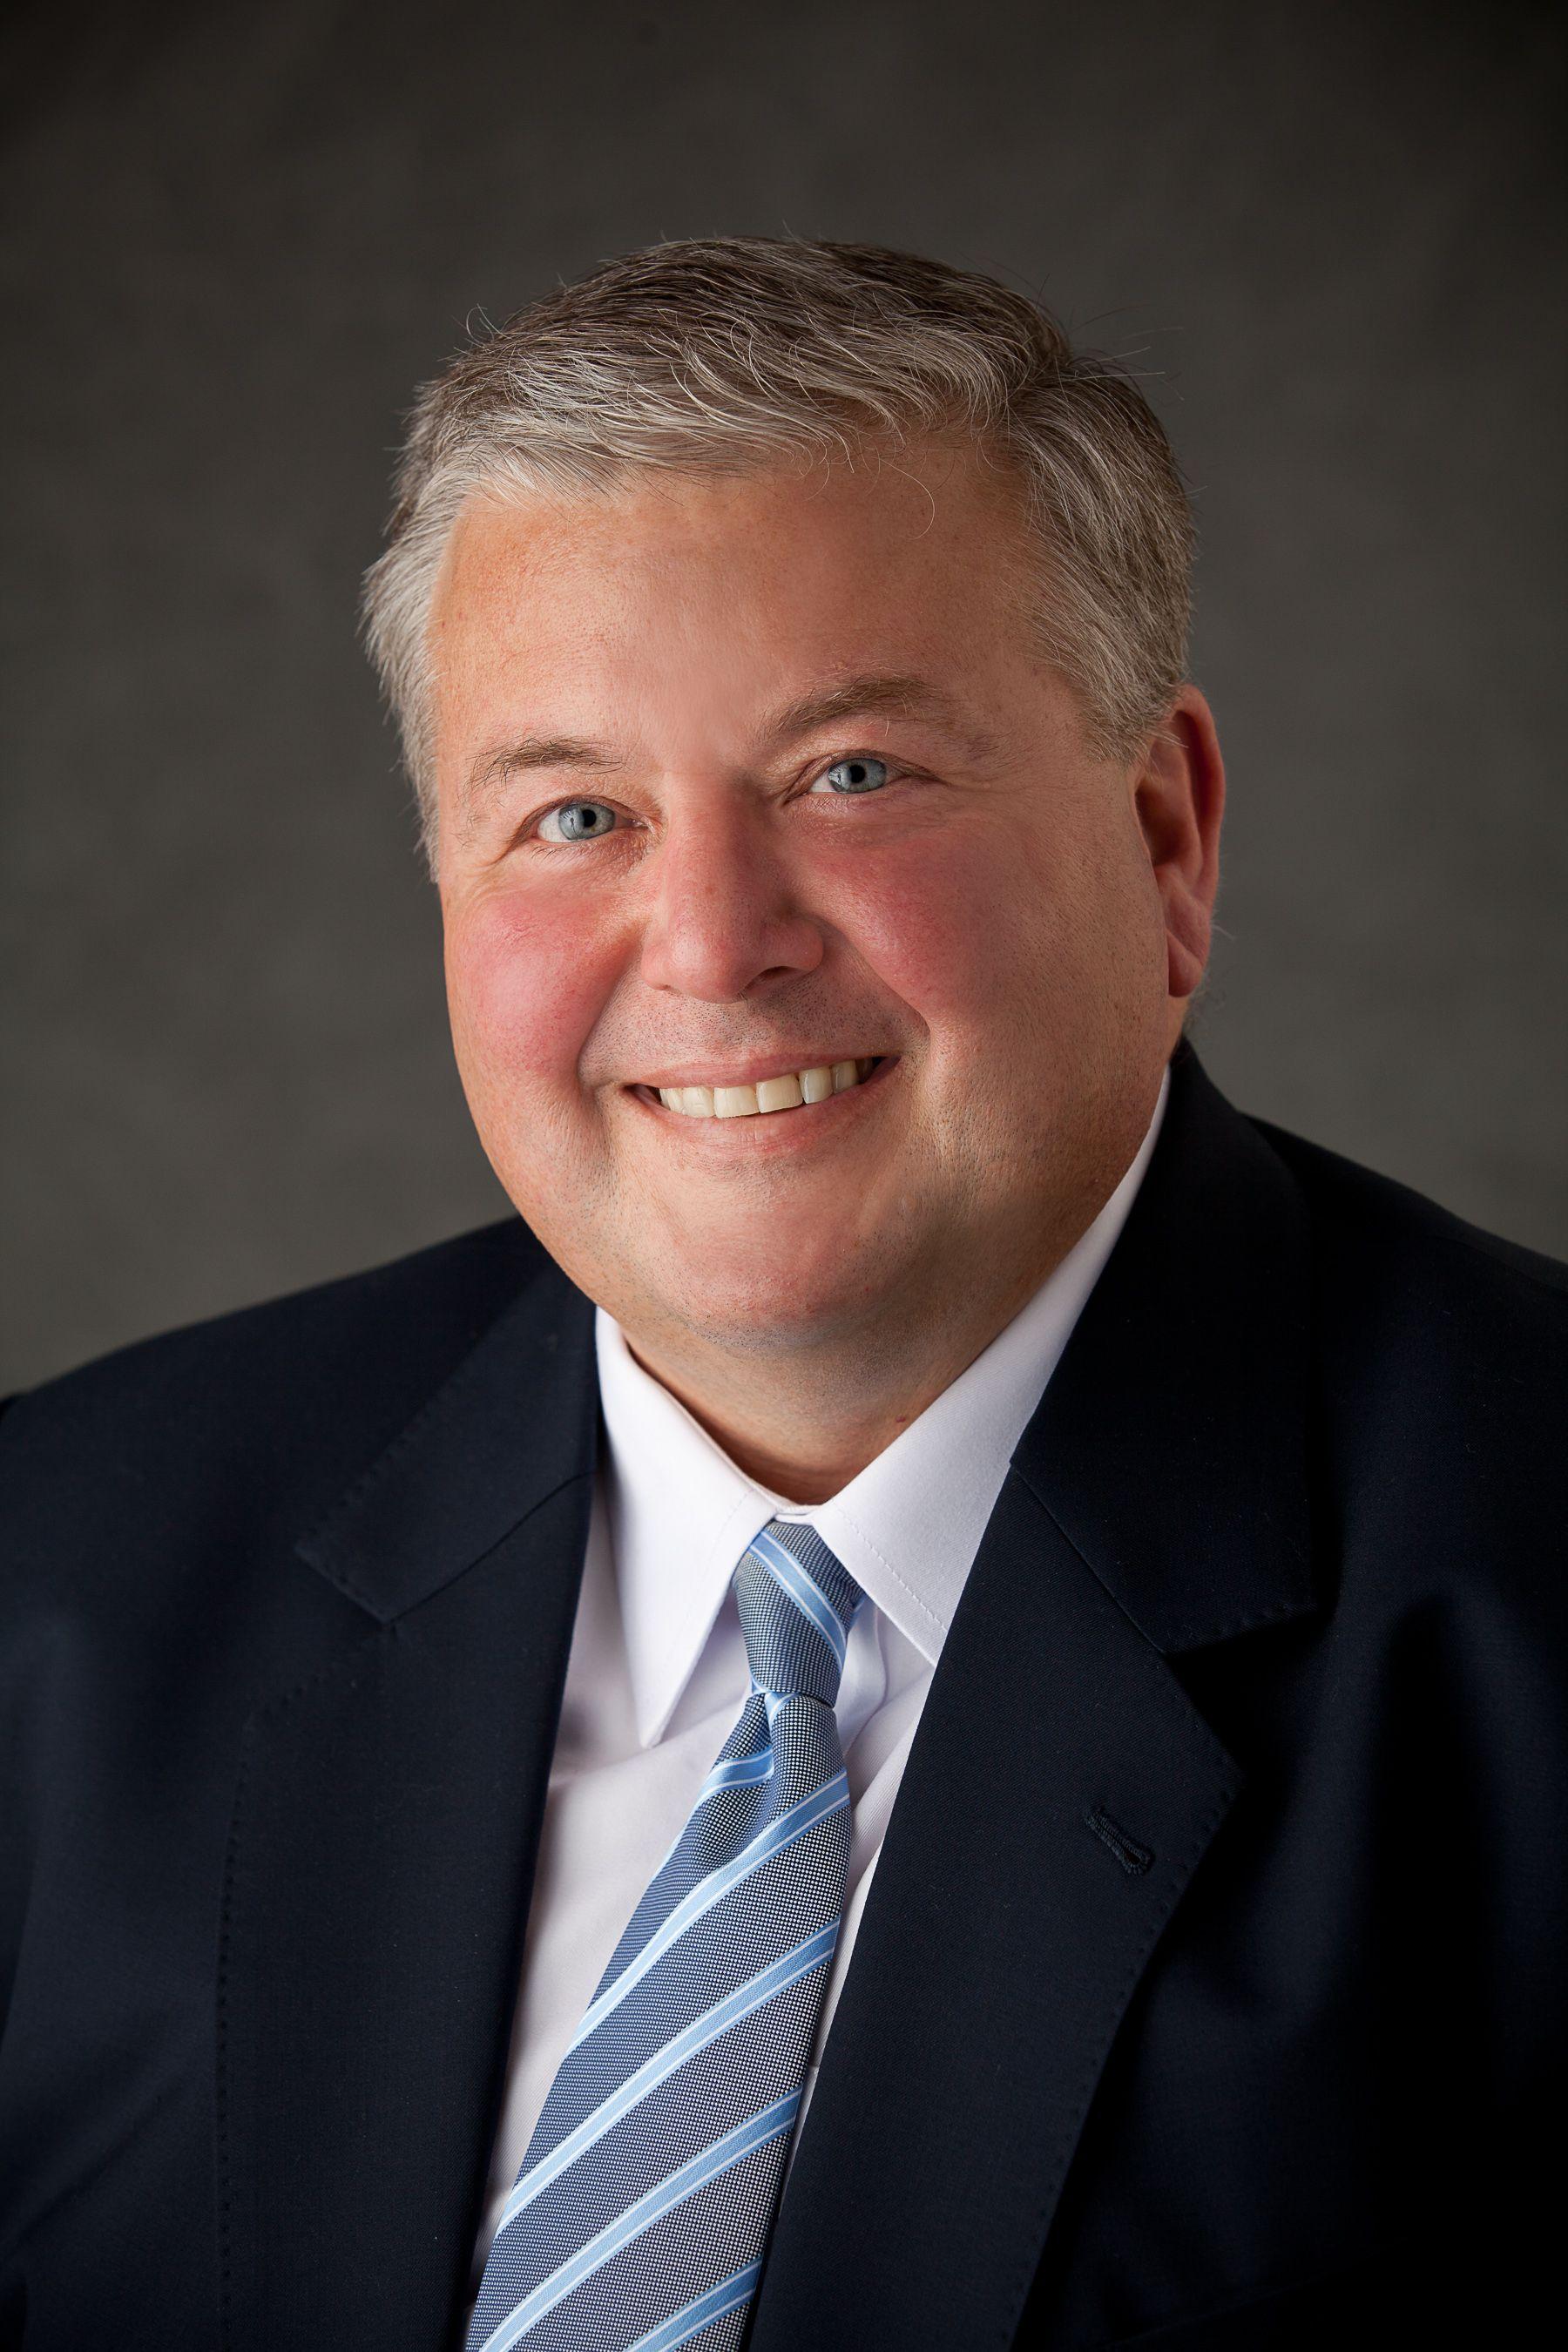 Allen Hager